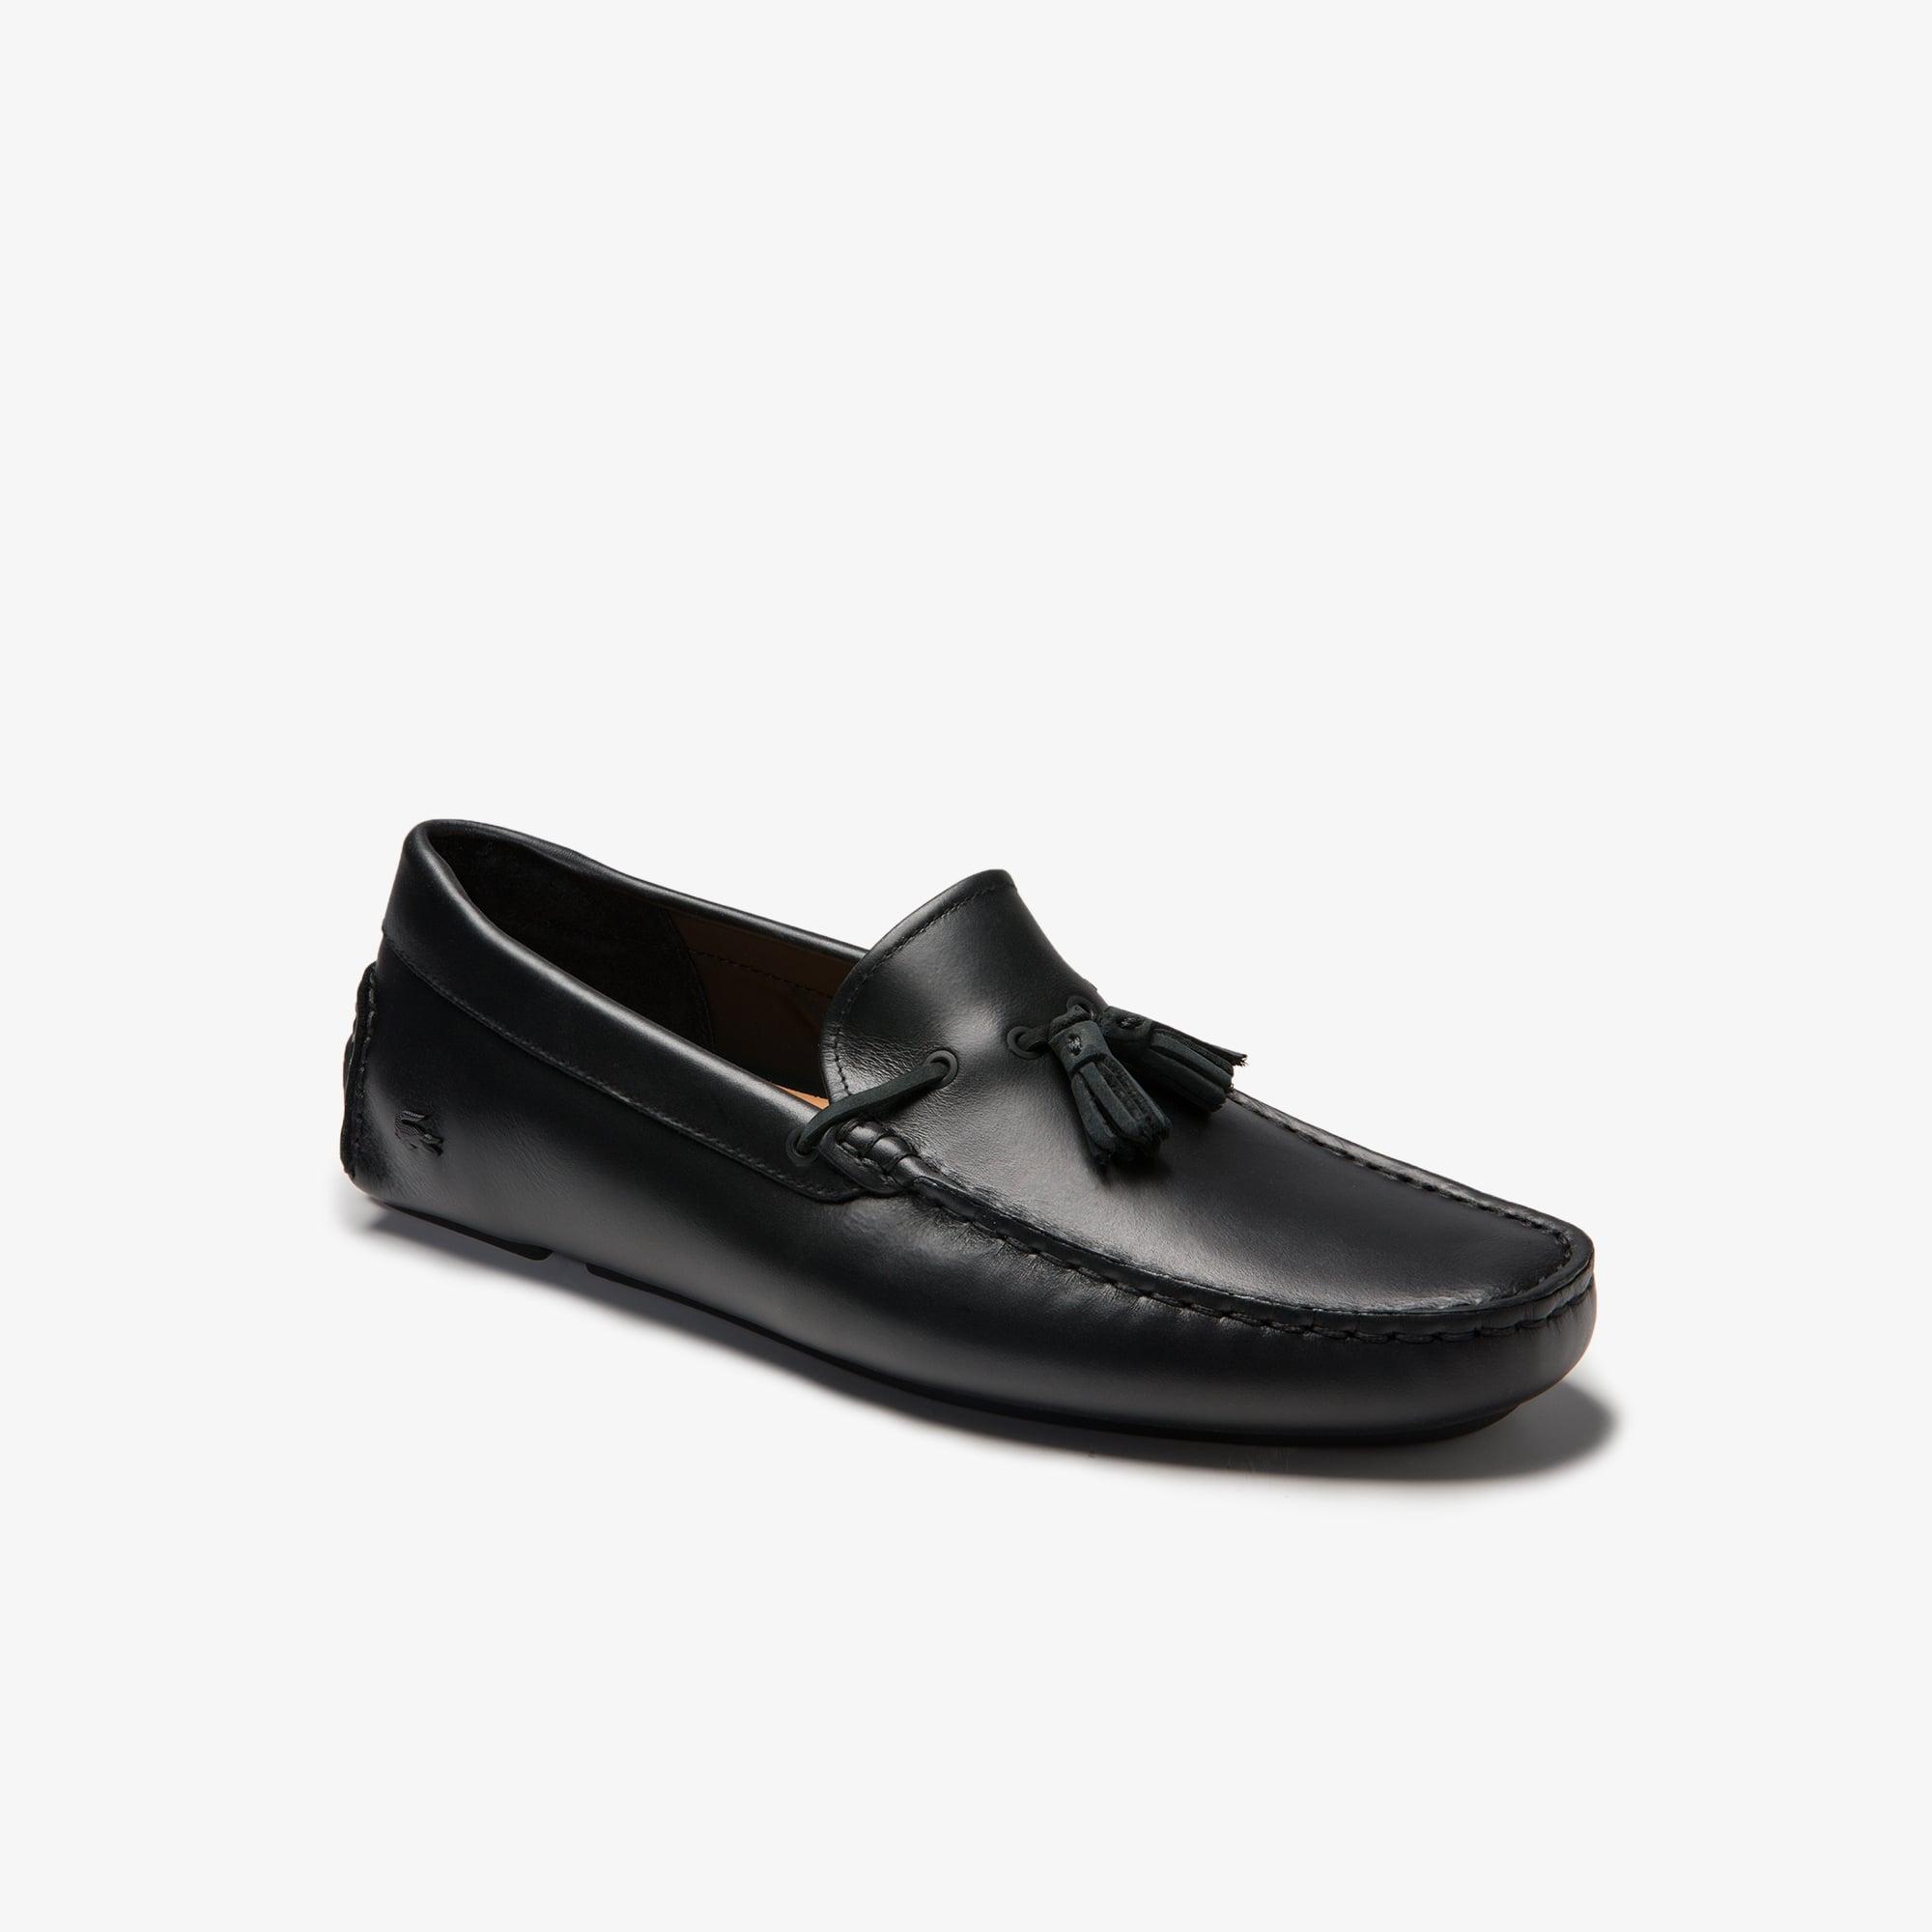 Lacoste Mens Dress Piloter Tassel Loafer